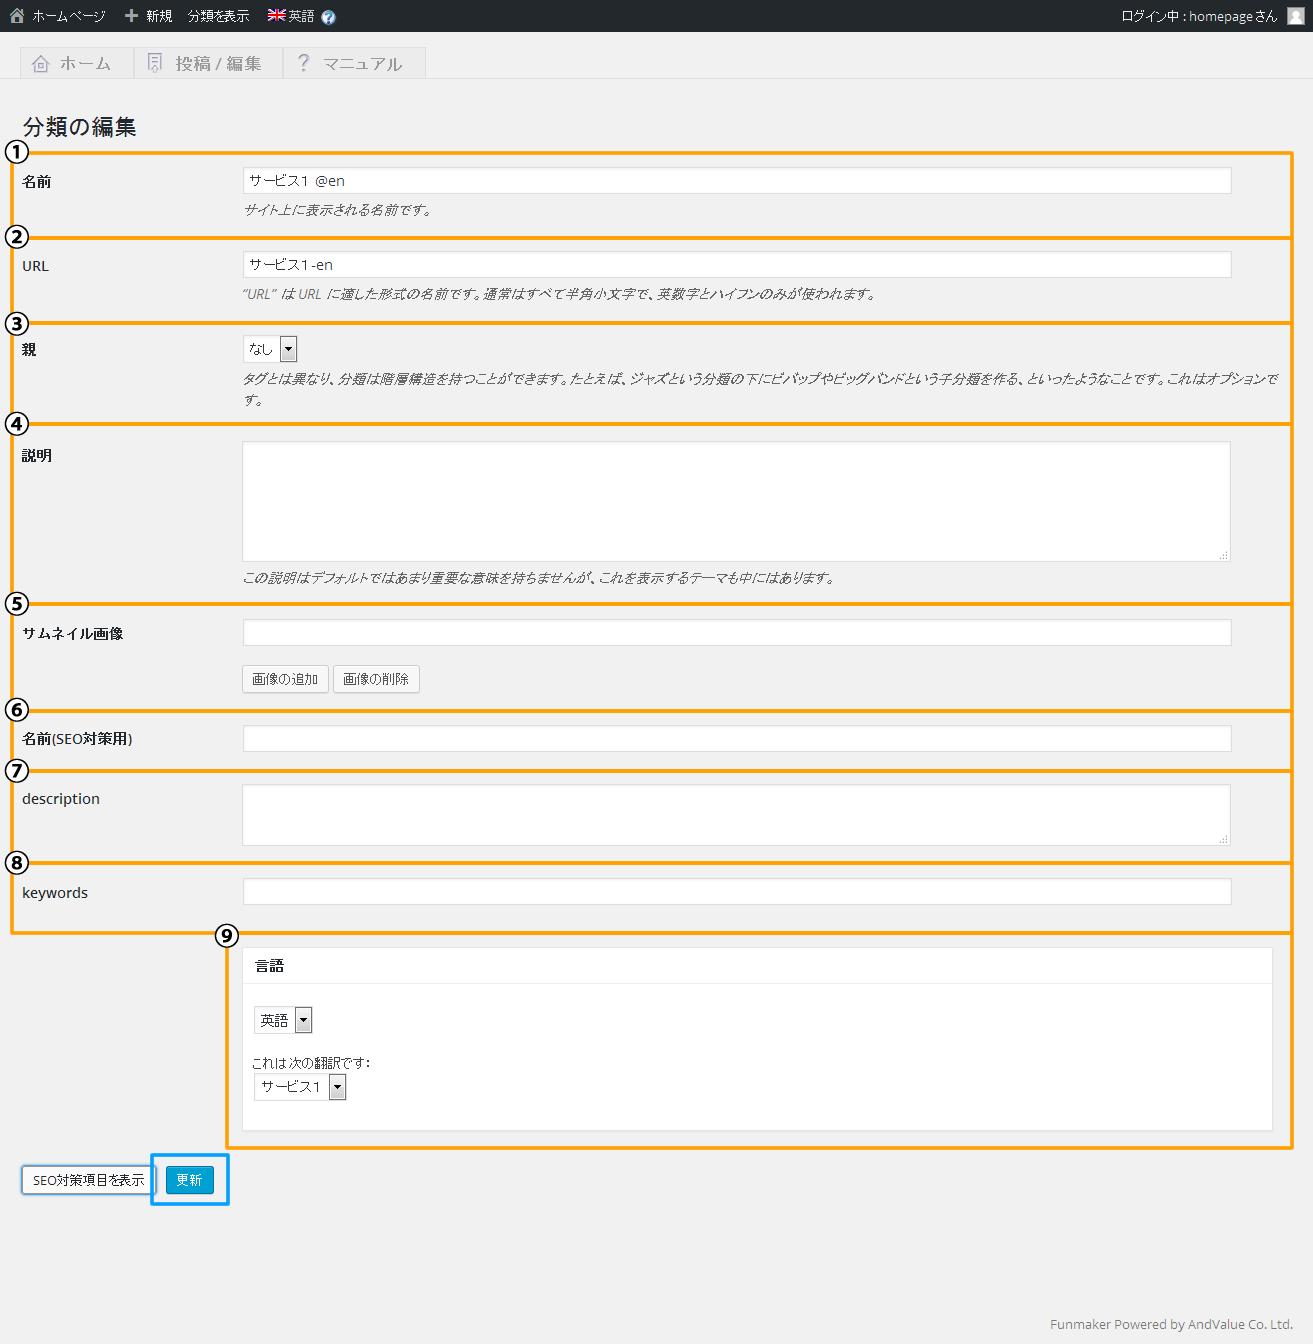 分類 編集画面 SEO対策項目 | 初期費用無料ホームページ作成サイト - FunMaker